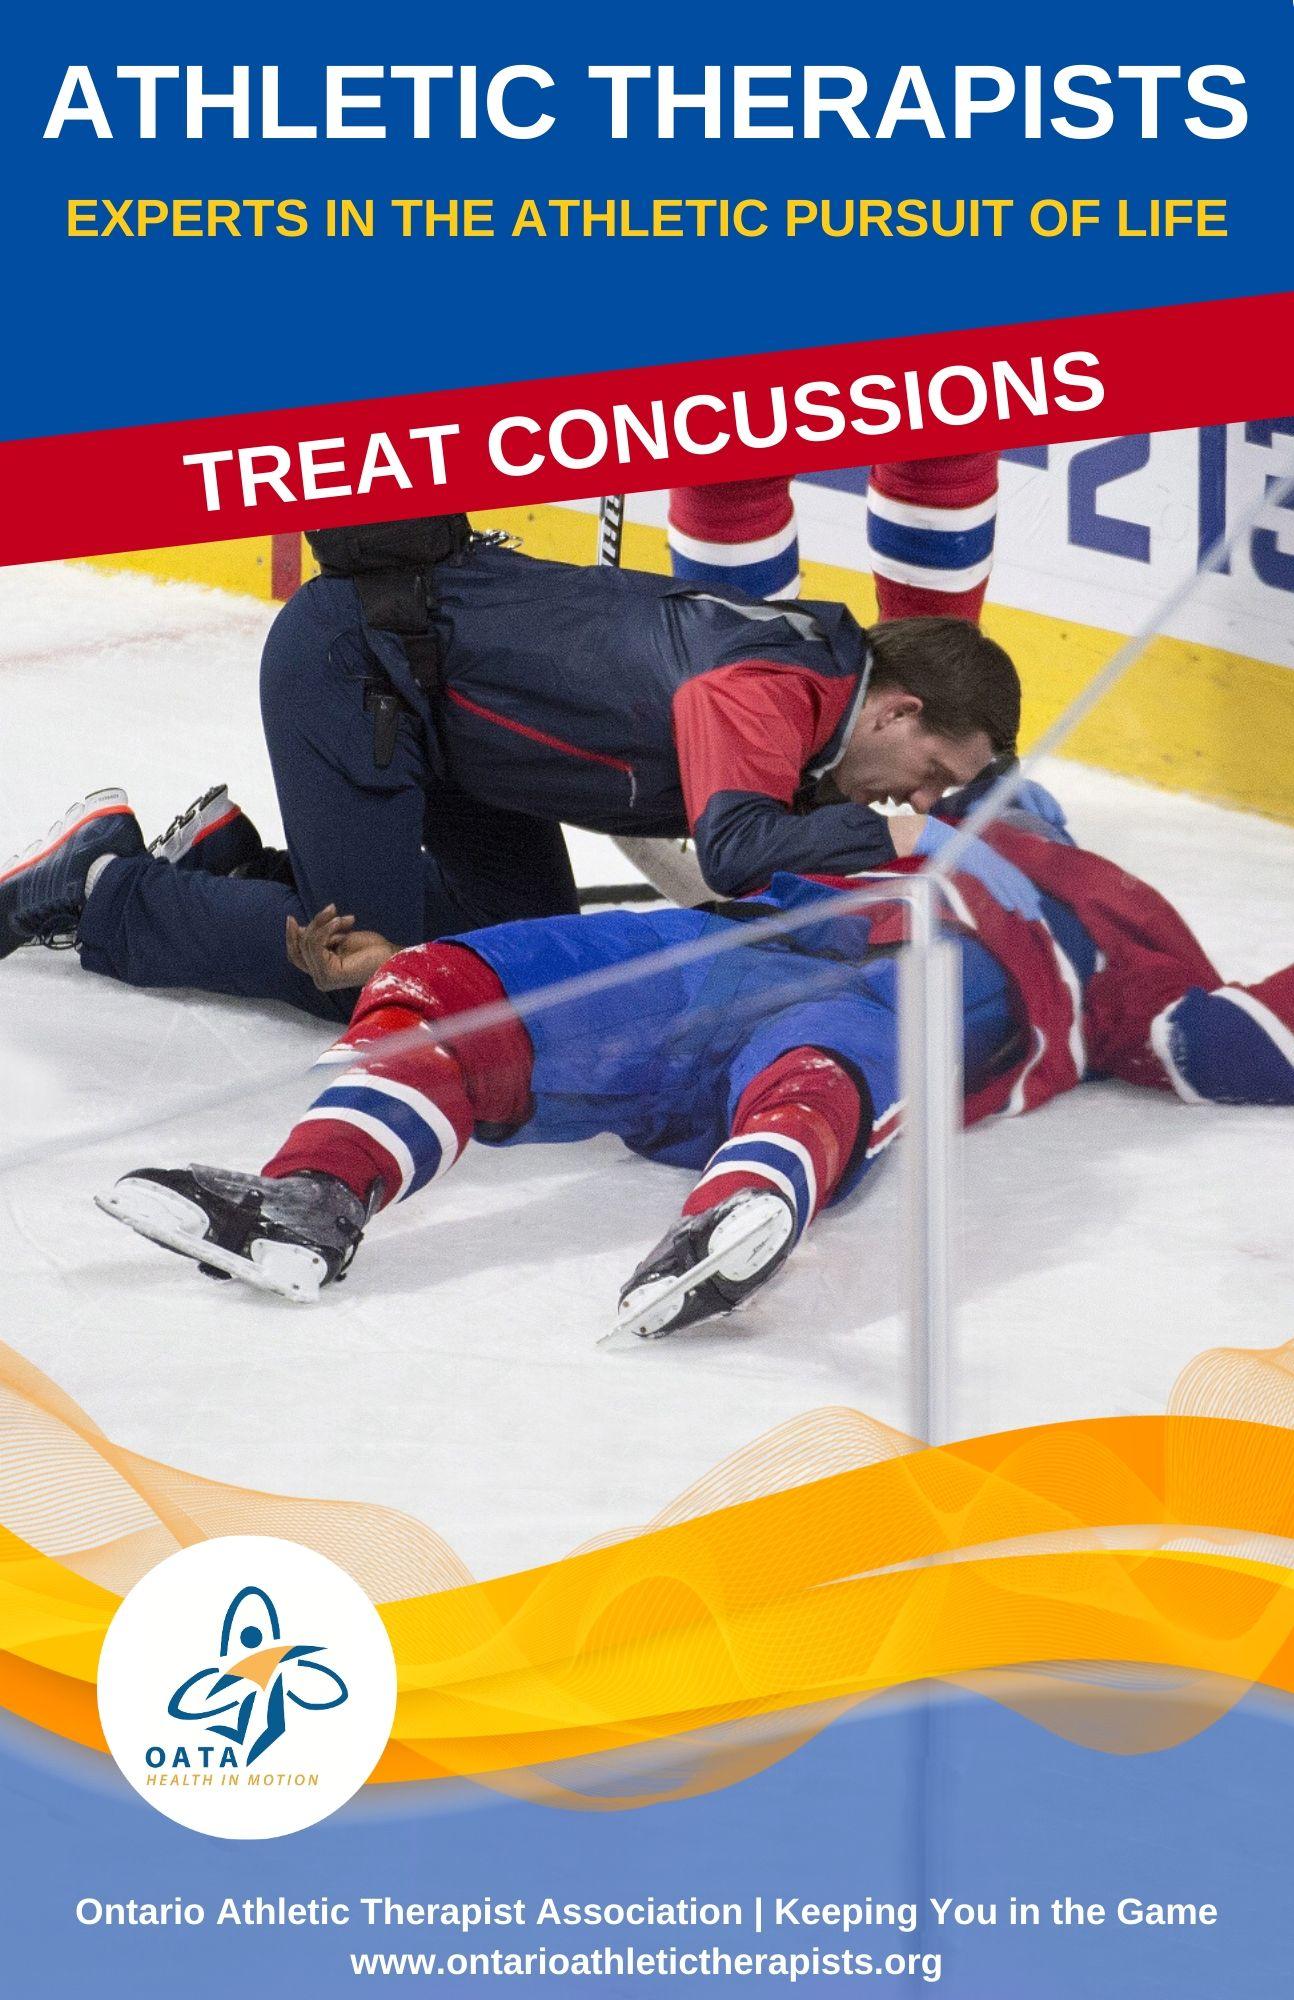 Treat Concussions